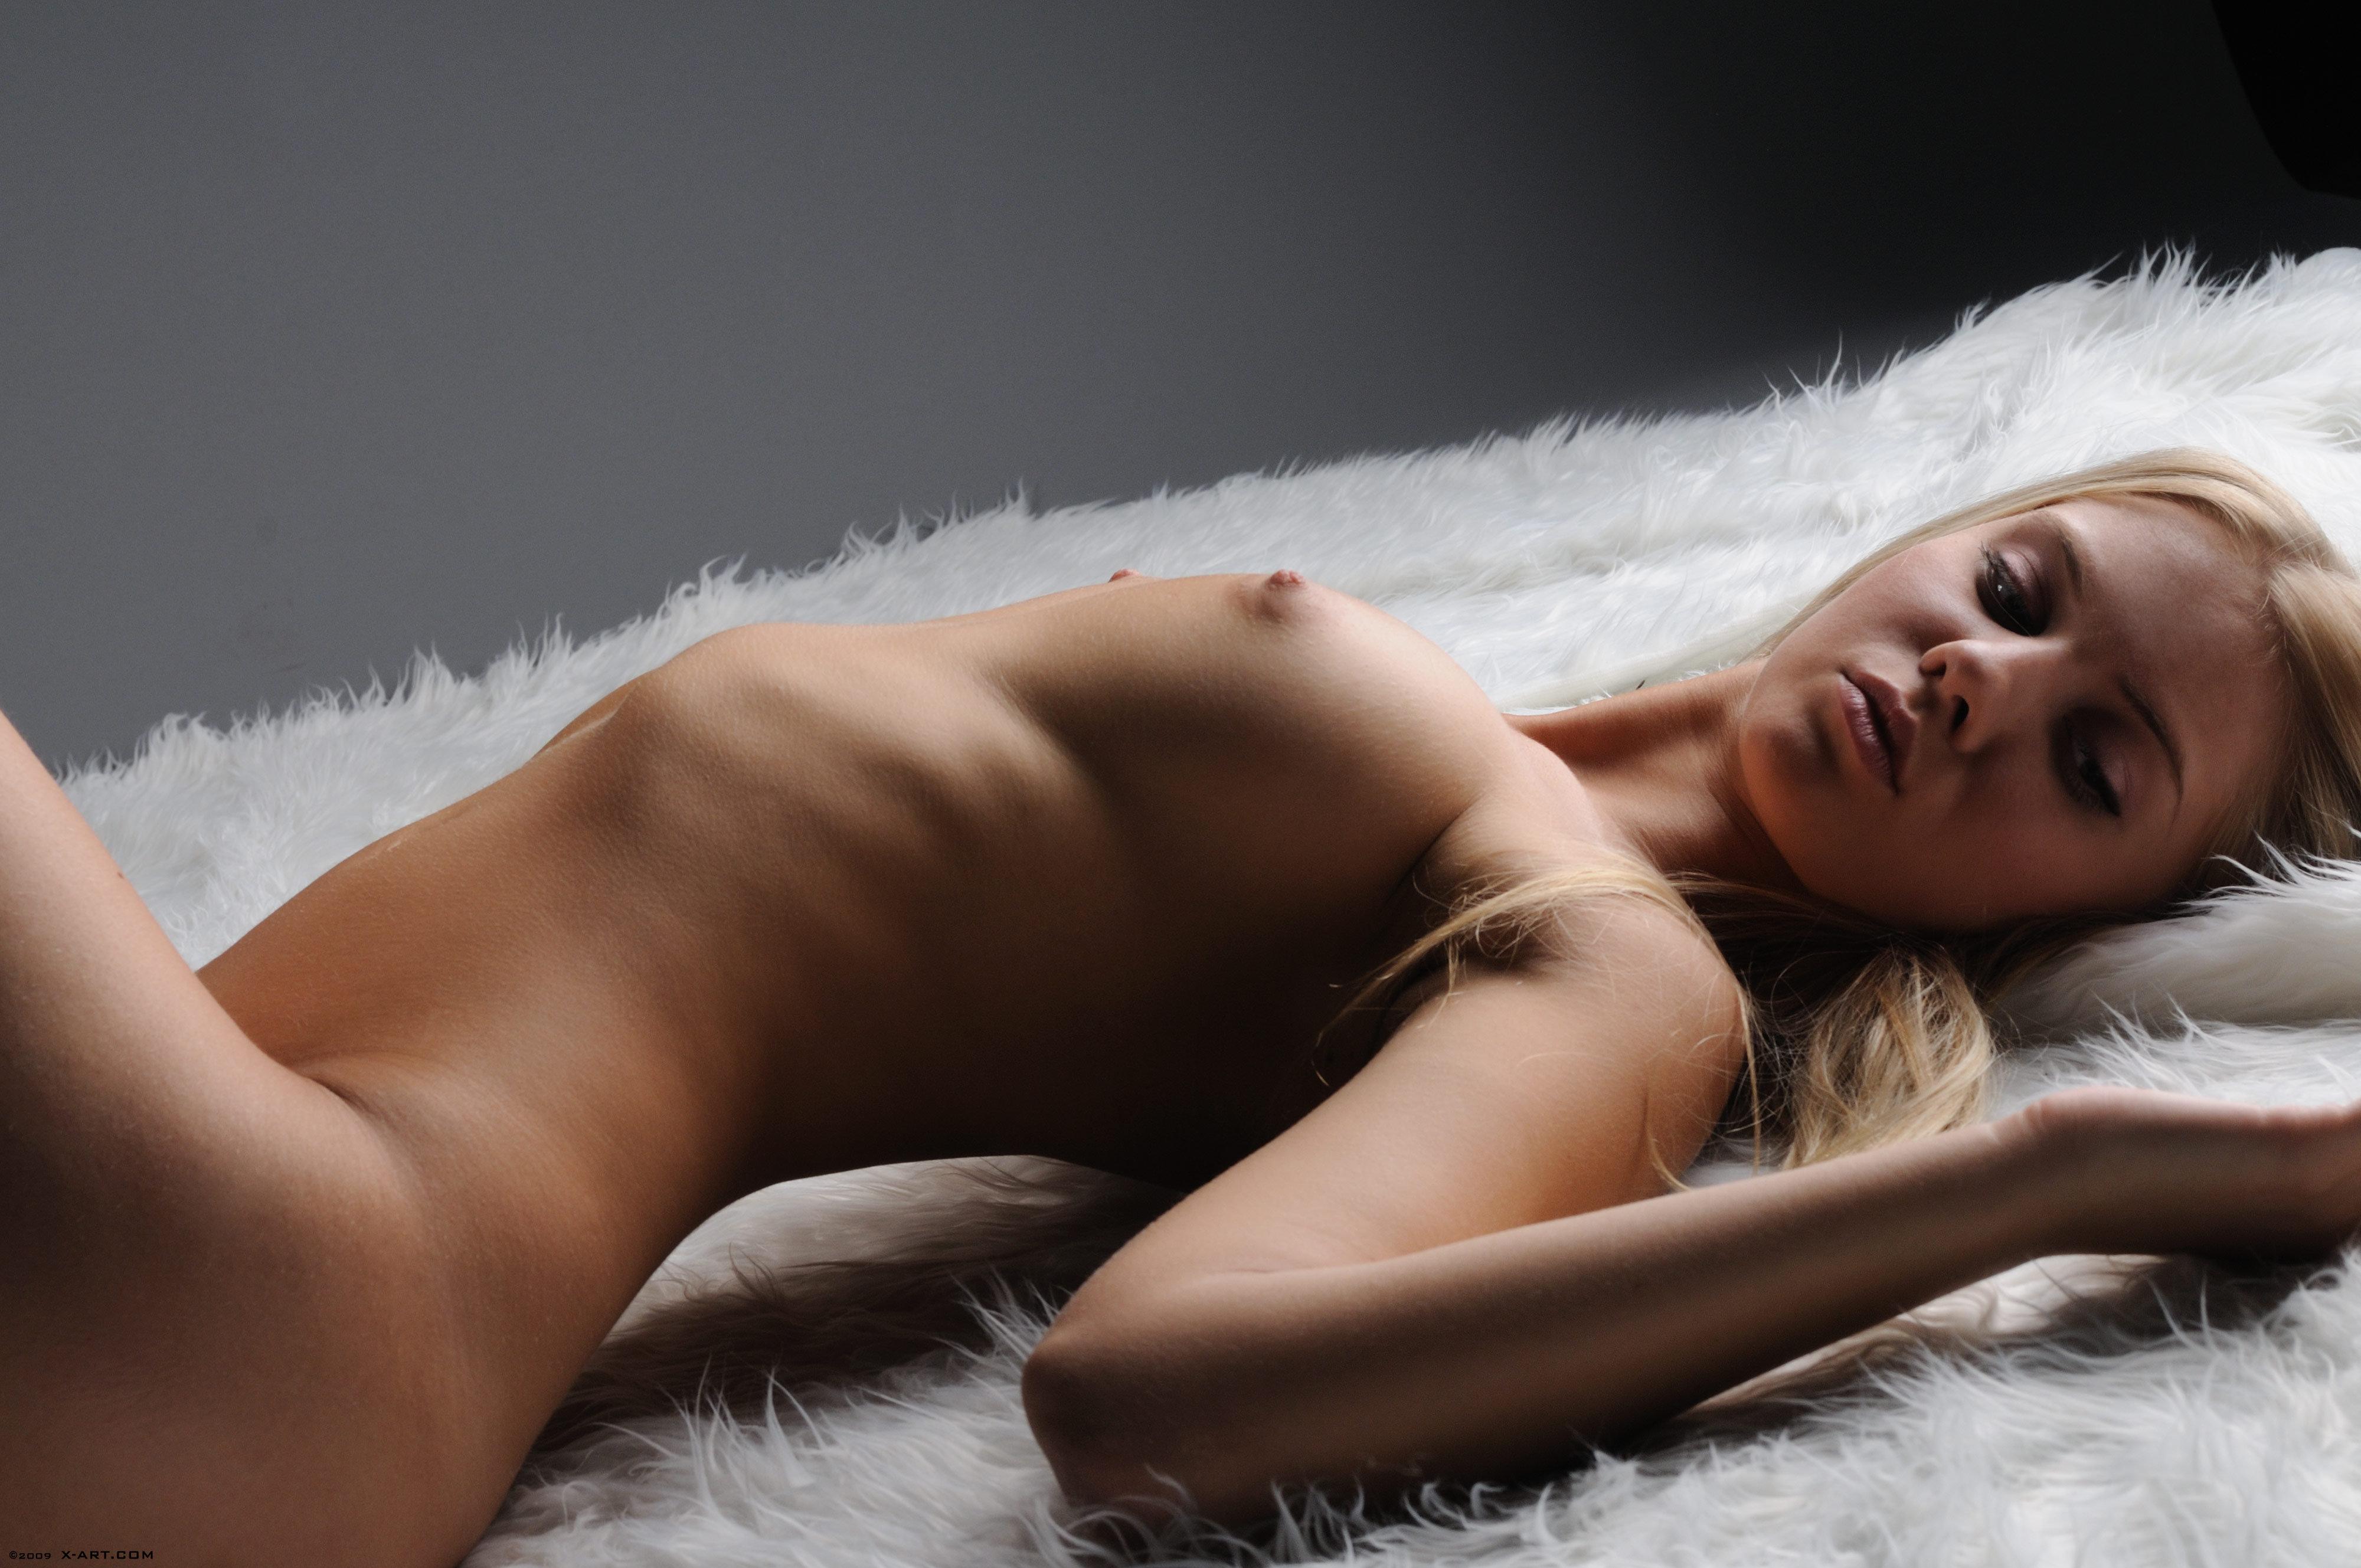 Шикарный девушка секс фото 20 фотография